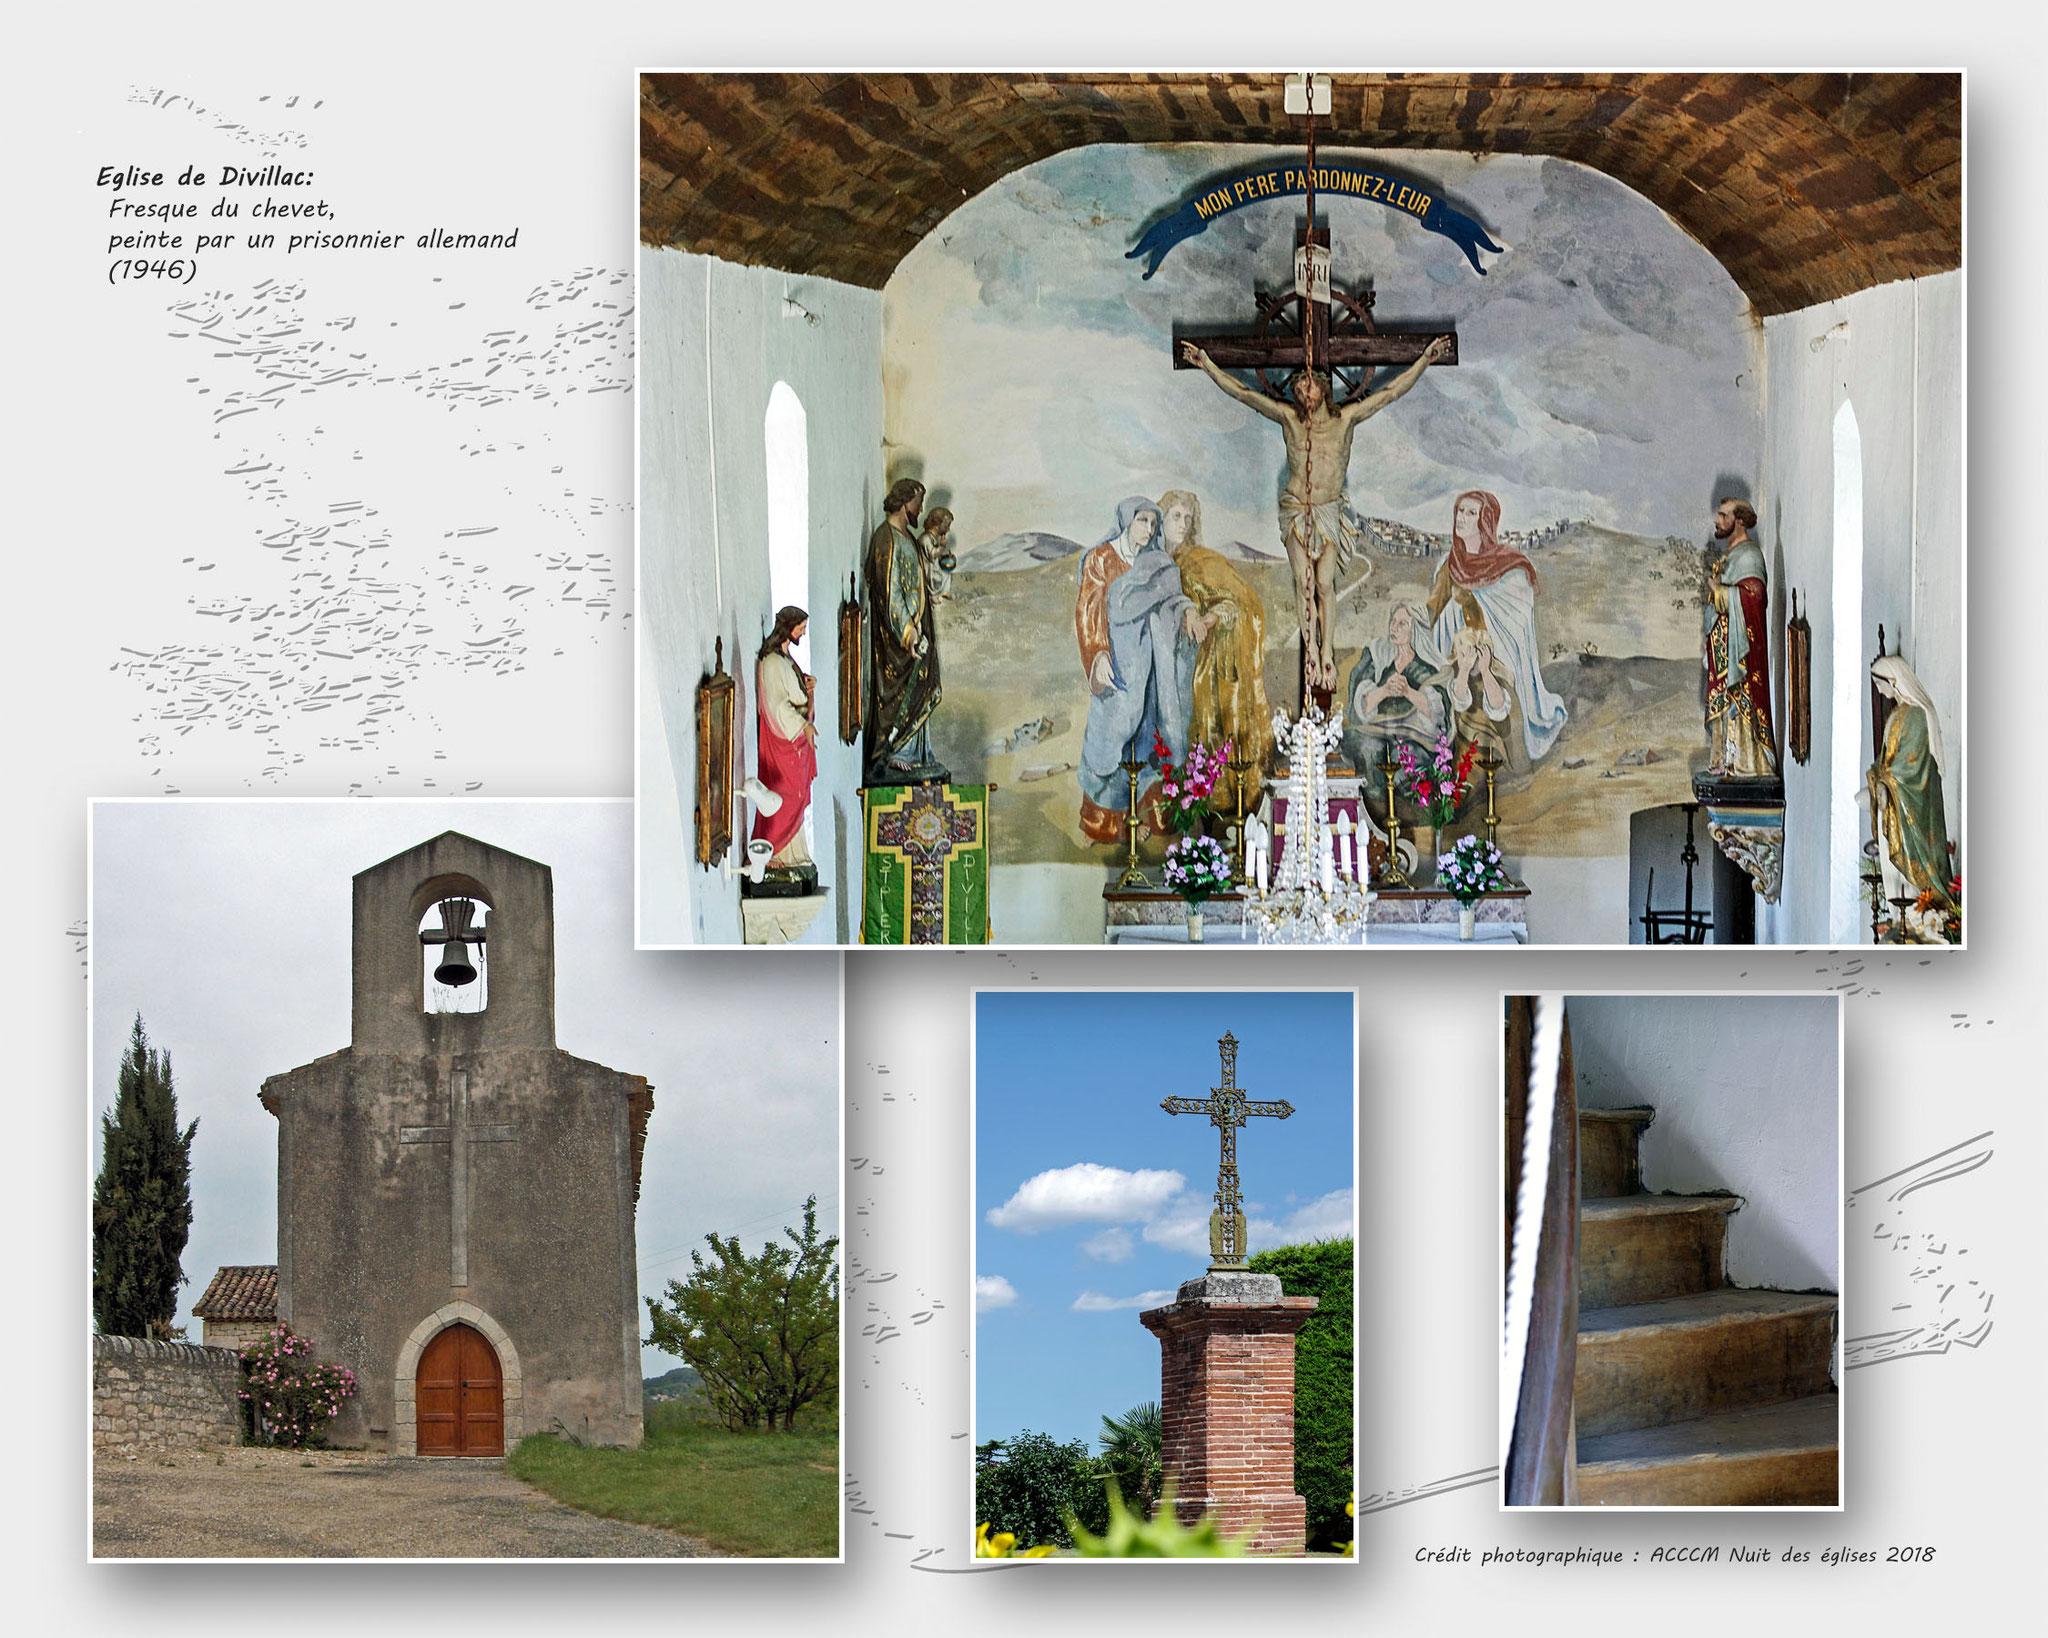 Eglise de Divillac